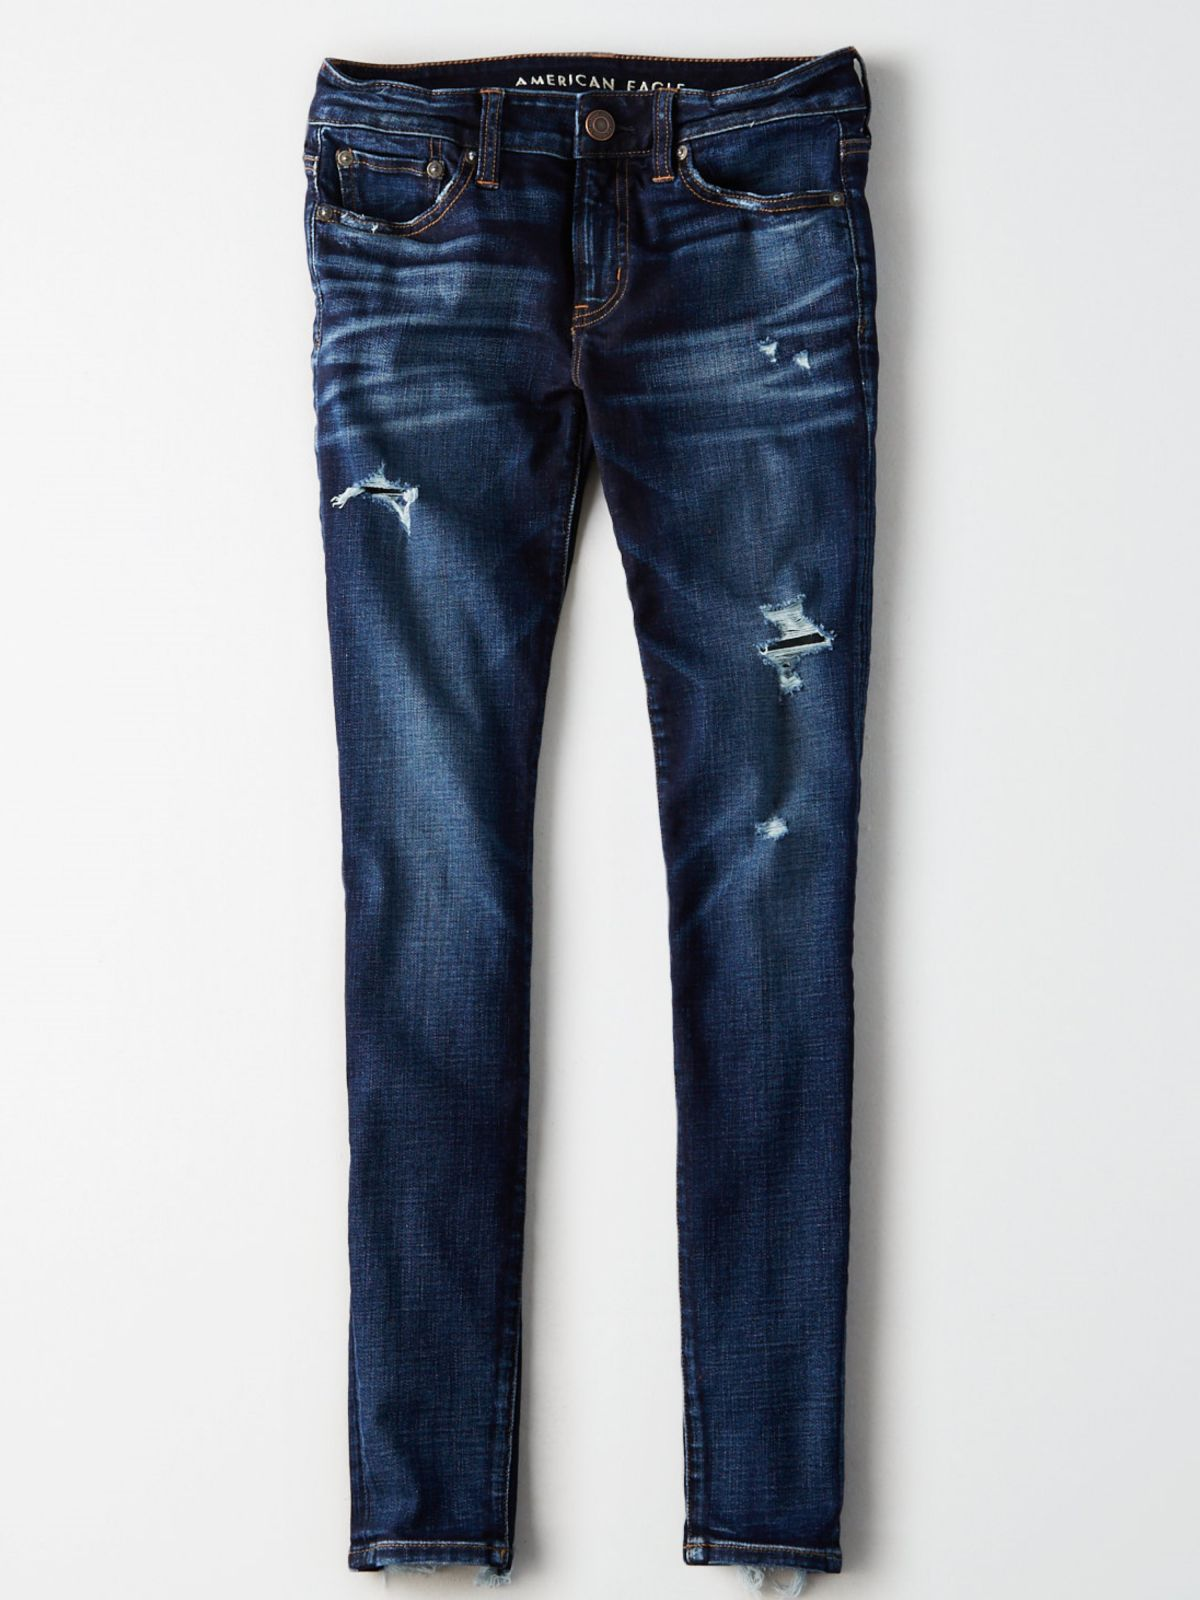 ג'ינס סקיני קרעים עם סיומת פרומה / נשיםג'ינס סקיני קרעים עם סיומת פרומה / נשים של AMERICAN EAGLE